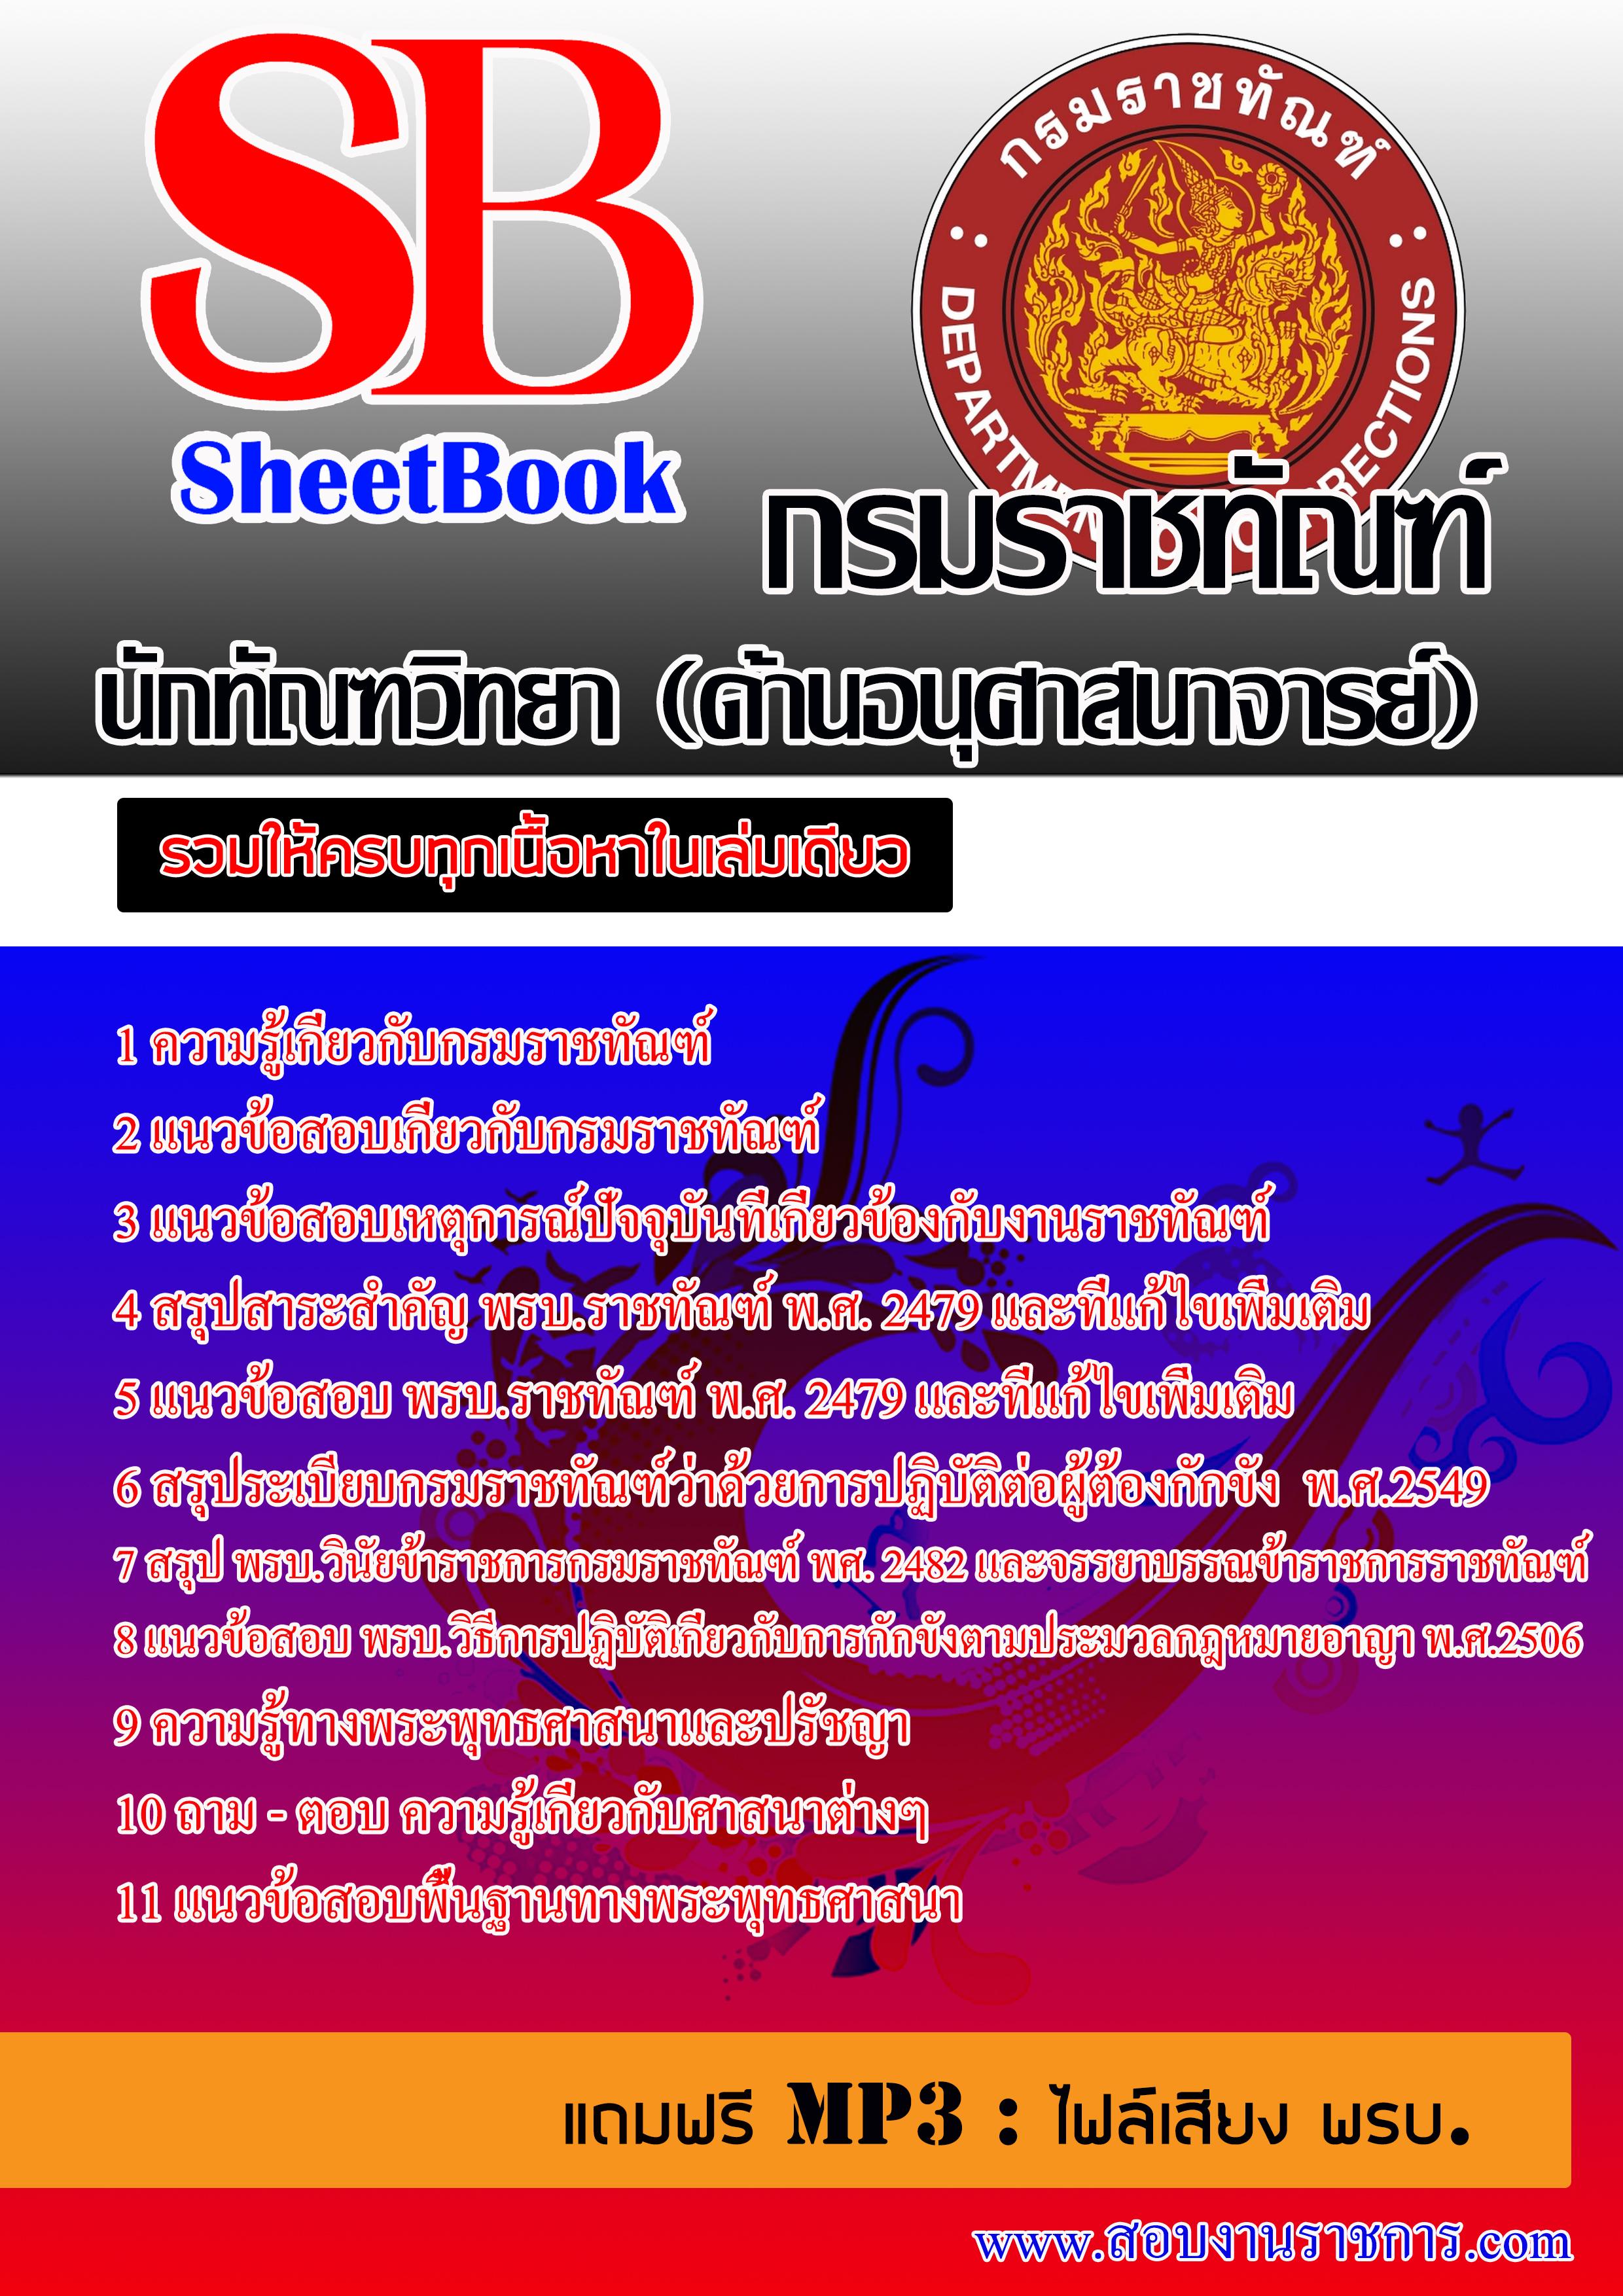 แนวข้อสอบ นักทัณฑวิทยา (ด้านอนุศาสนาจารย์) กรมราชทัณฑ์